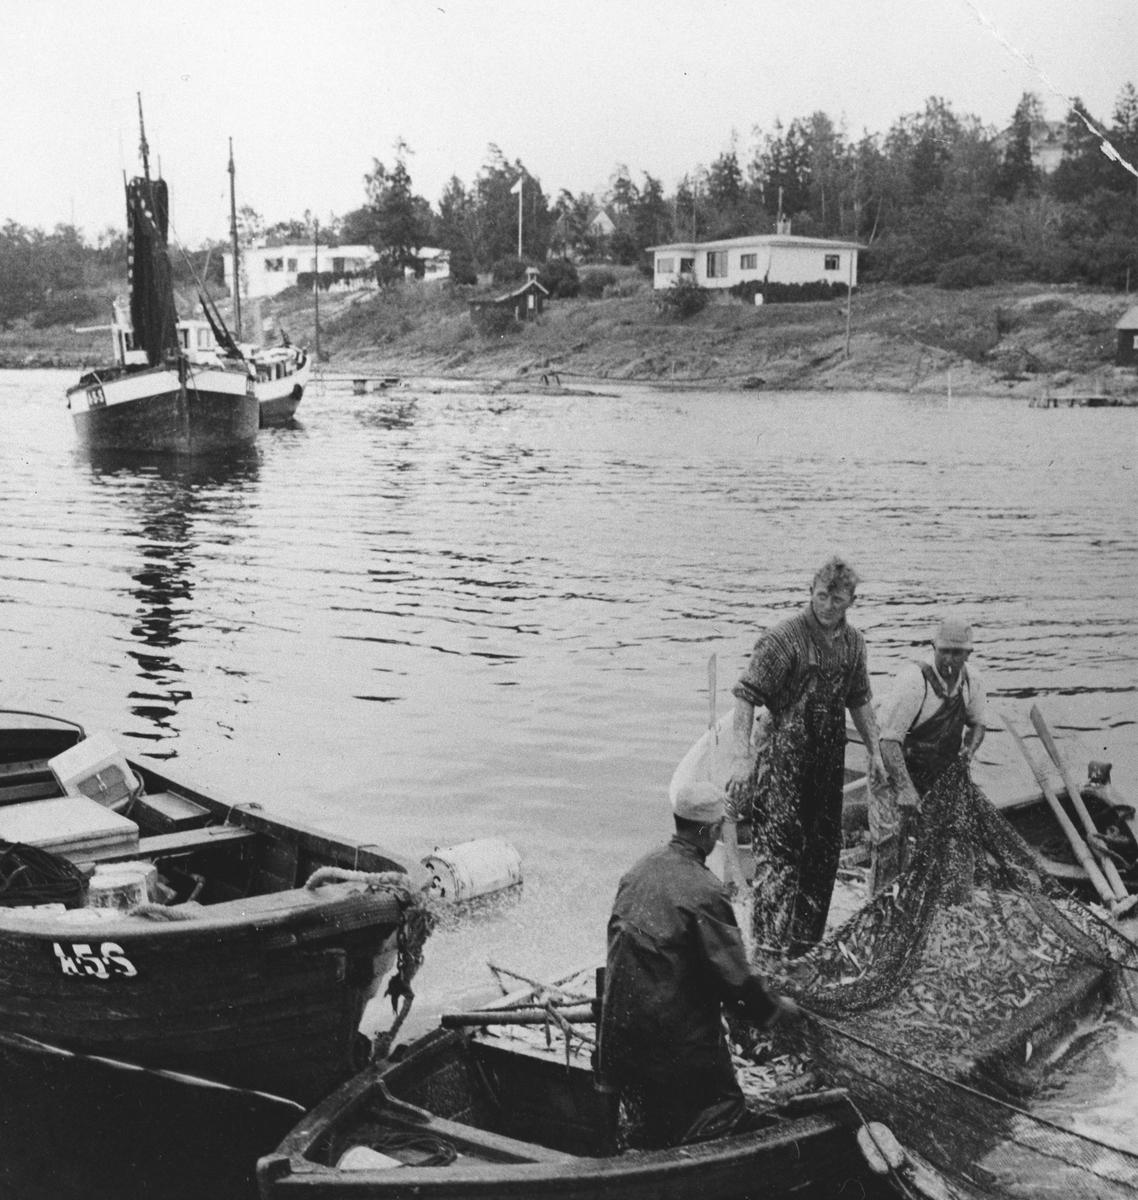 """Tre menn i båt med fisk i garnet. Bildet viser opptak av brisling fra steng. Fra venstre Fredrik Fredriksen, Roald Halvorsen og Norbom Fredriken. fiskerne tilhører skøyta """"Solrunn"""" som ligger i bakgrunnen, doryen til venstre har samme registreringsnummer som skøyta."""